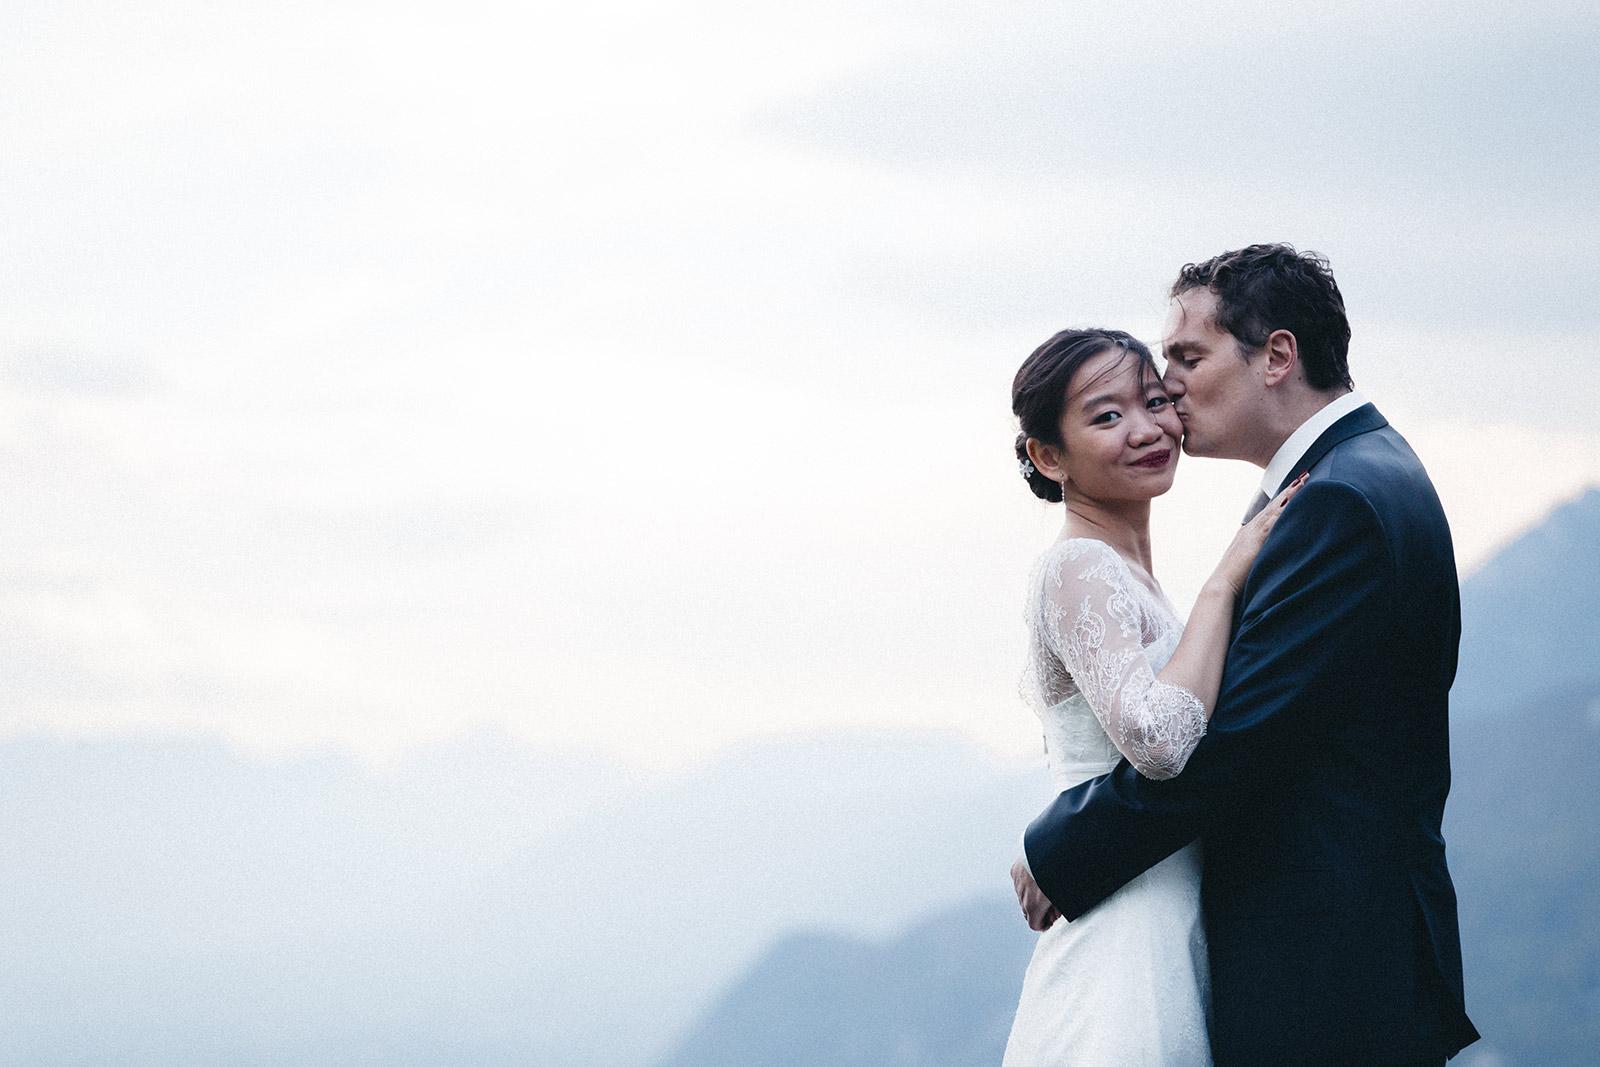 Avis photographe de mariage Aix les bains Photographe de mariage intime Aix les Bains